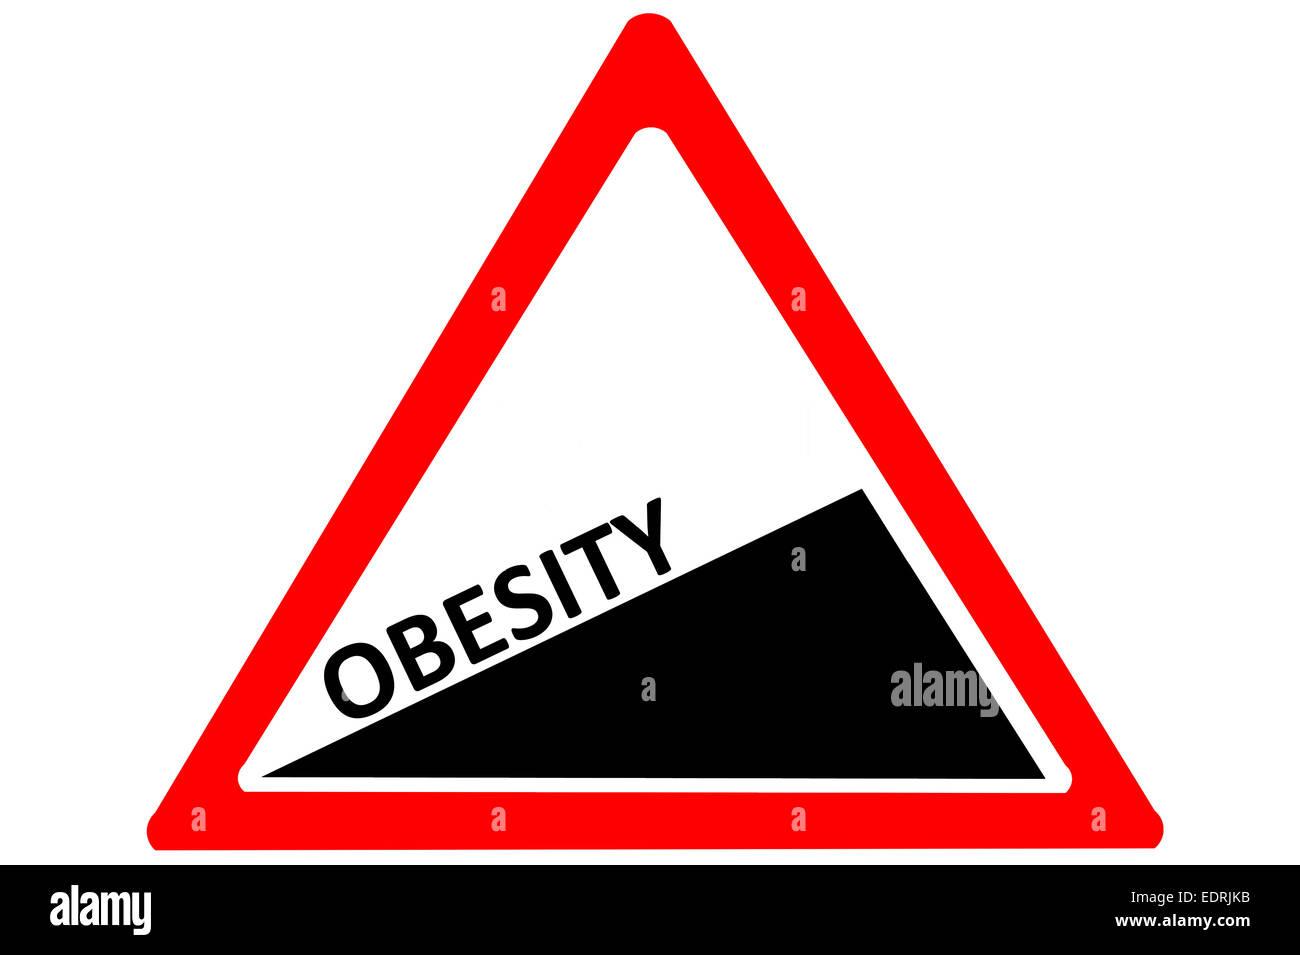 La obesidad aumentando advertencia señales de carretera aislado sobre fondo blanco. Imagen De Stock